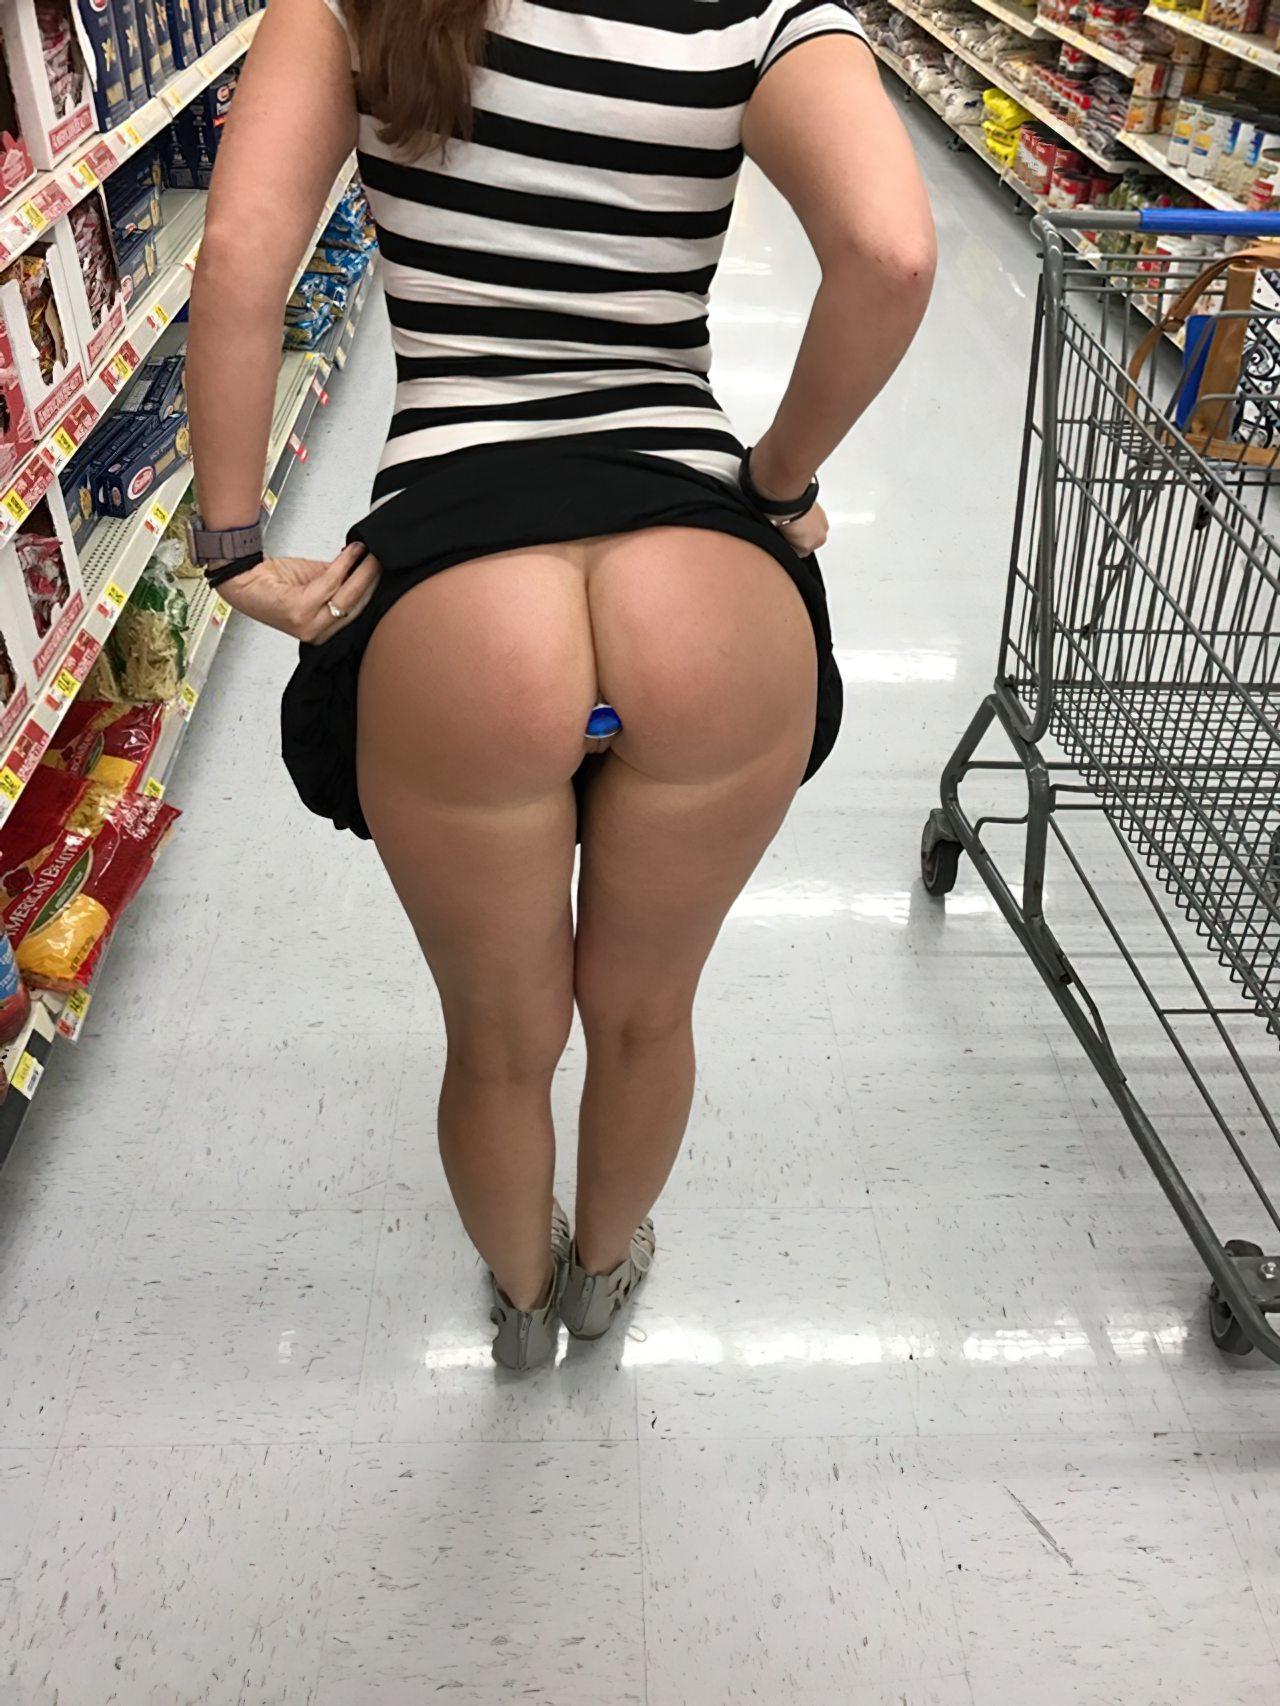 Arriscando no Supermercado